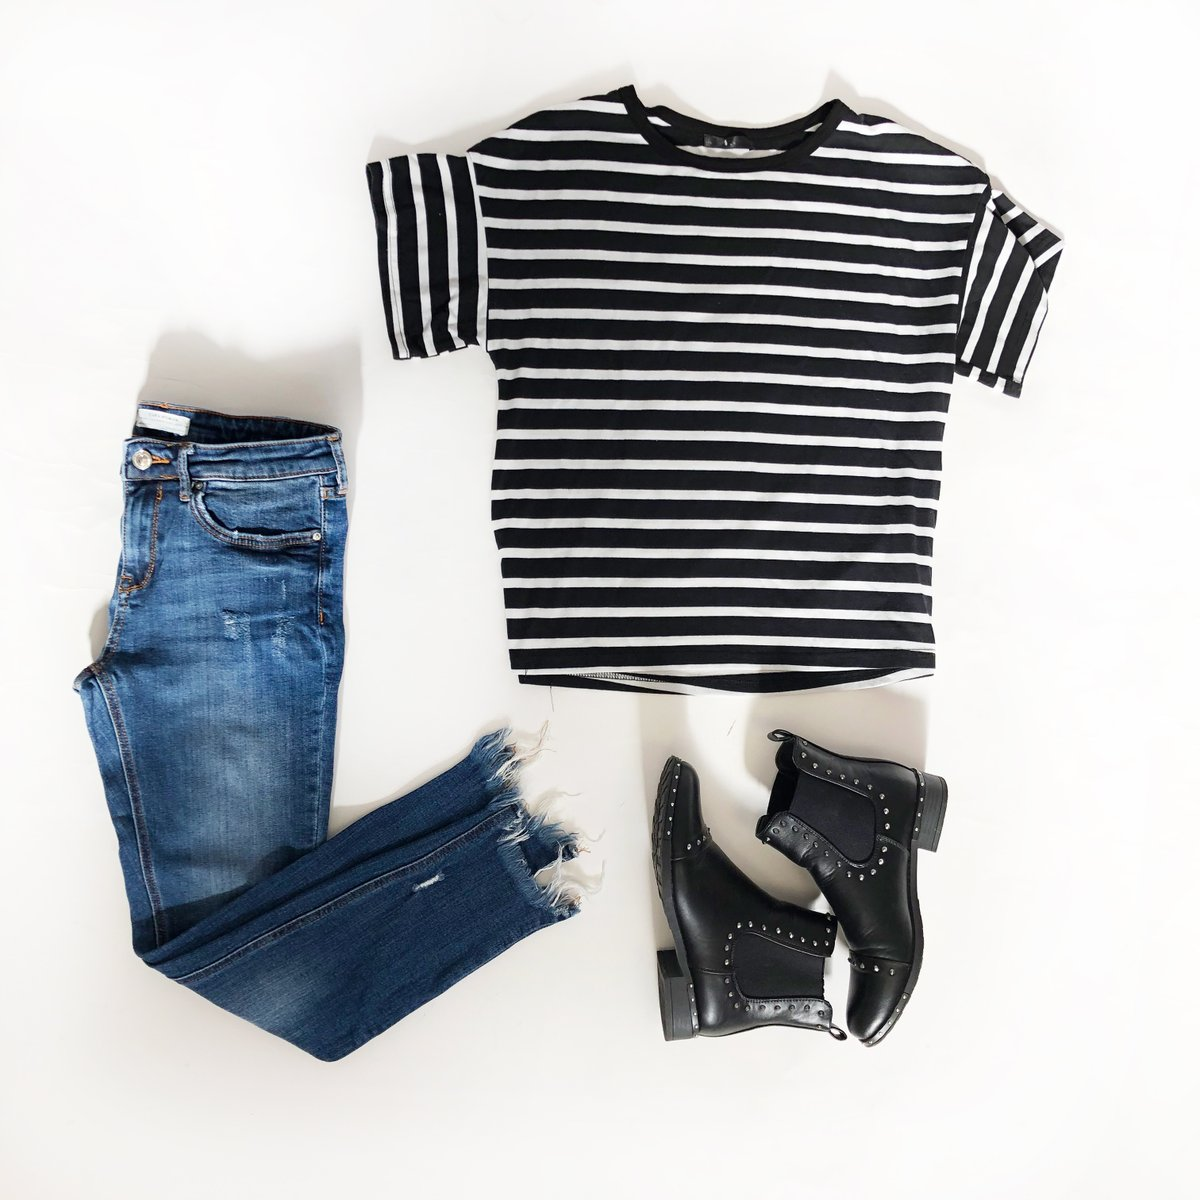 Get cozy mit unserem OOTD-Stimmungsbooster zum Montag!   Die Wahl unseres Outfits jeden Tag einen entscheidenden Einfluss auf unsere Stimmung und unser Selbstbewusstsein. Schaut vorbei bei http://www.micolet.de und endecke Outfits, die zu deinem Alltag passen! #OotdStylepic.twitter.com/CClz7X5fzI